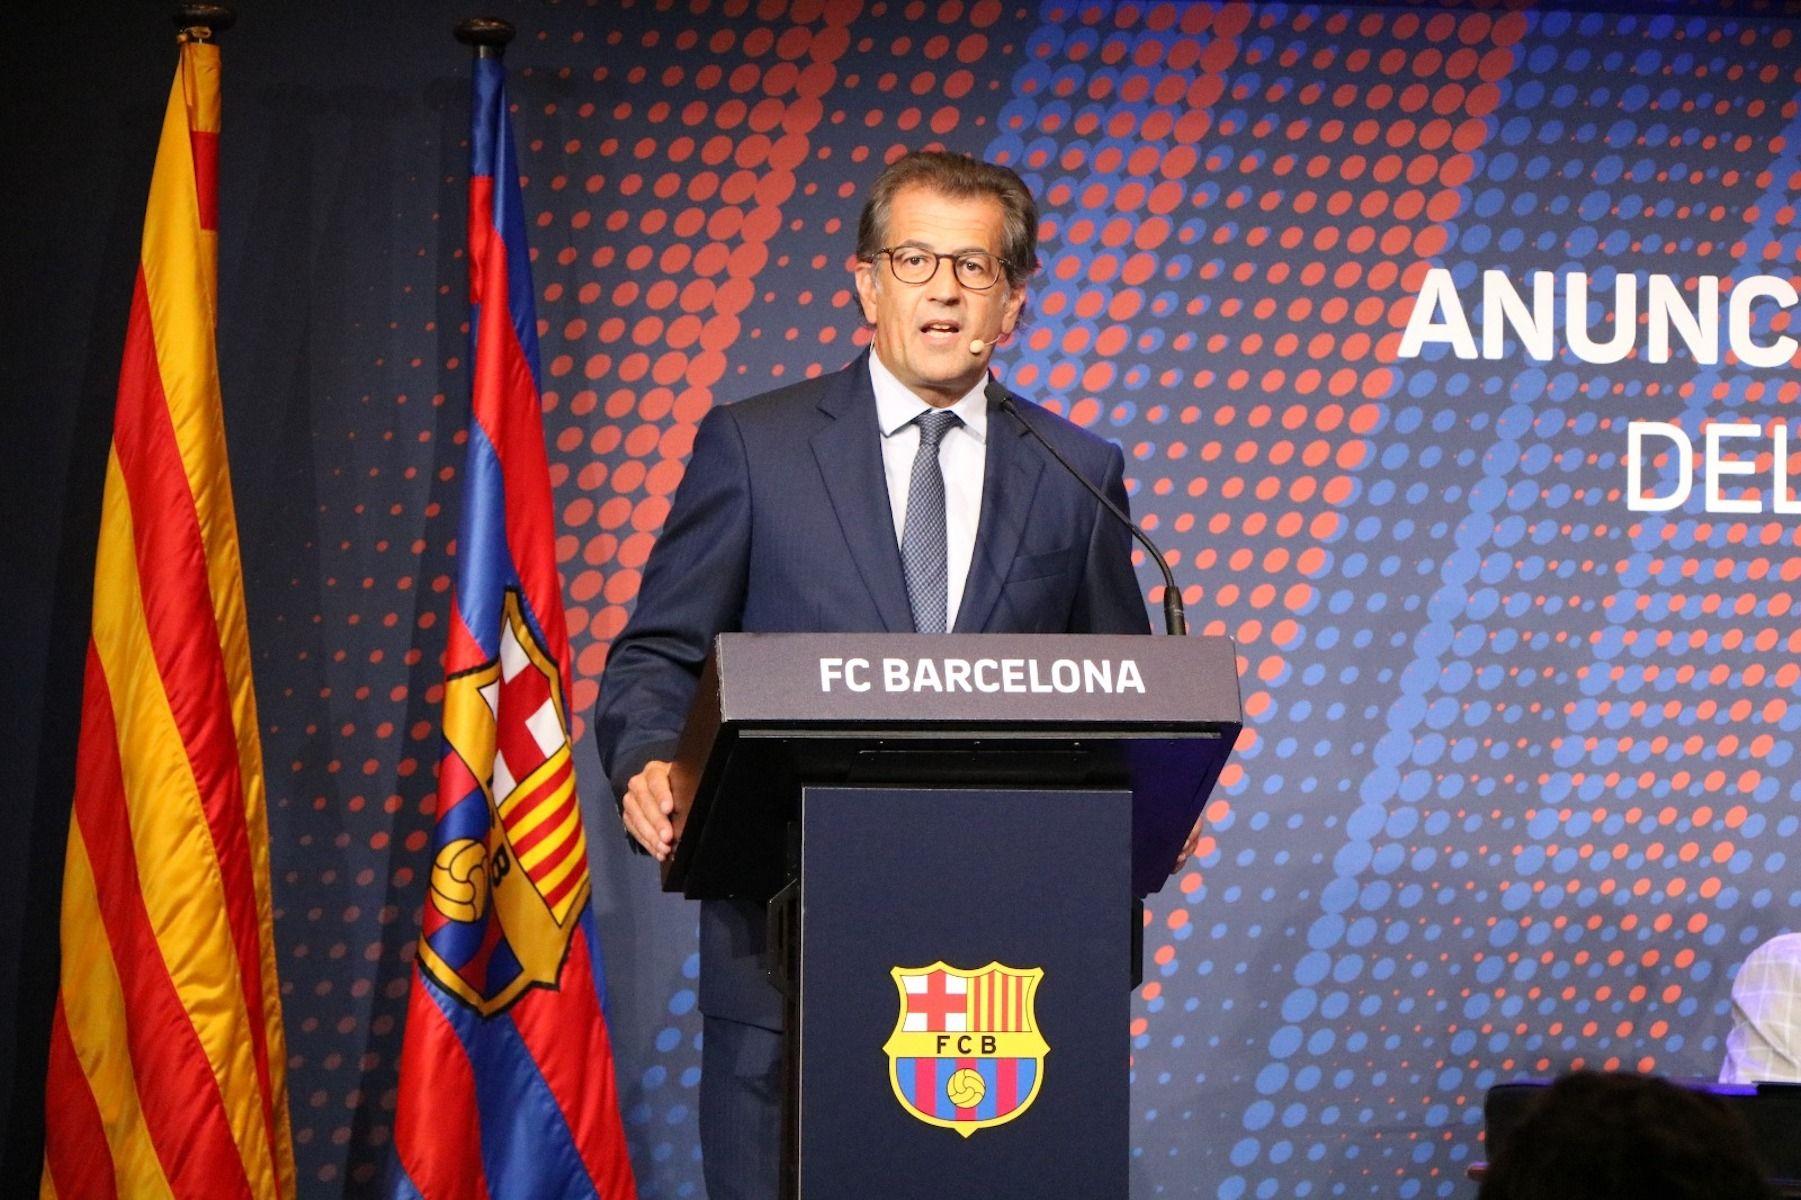 Toni Freixa, durant la presentació de la seva candidatura per a les eleccions del Barça   Toni Freixa